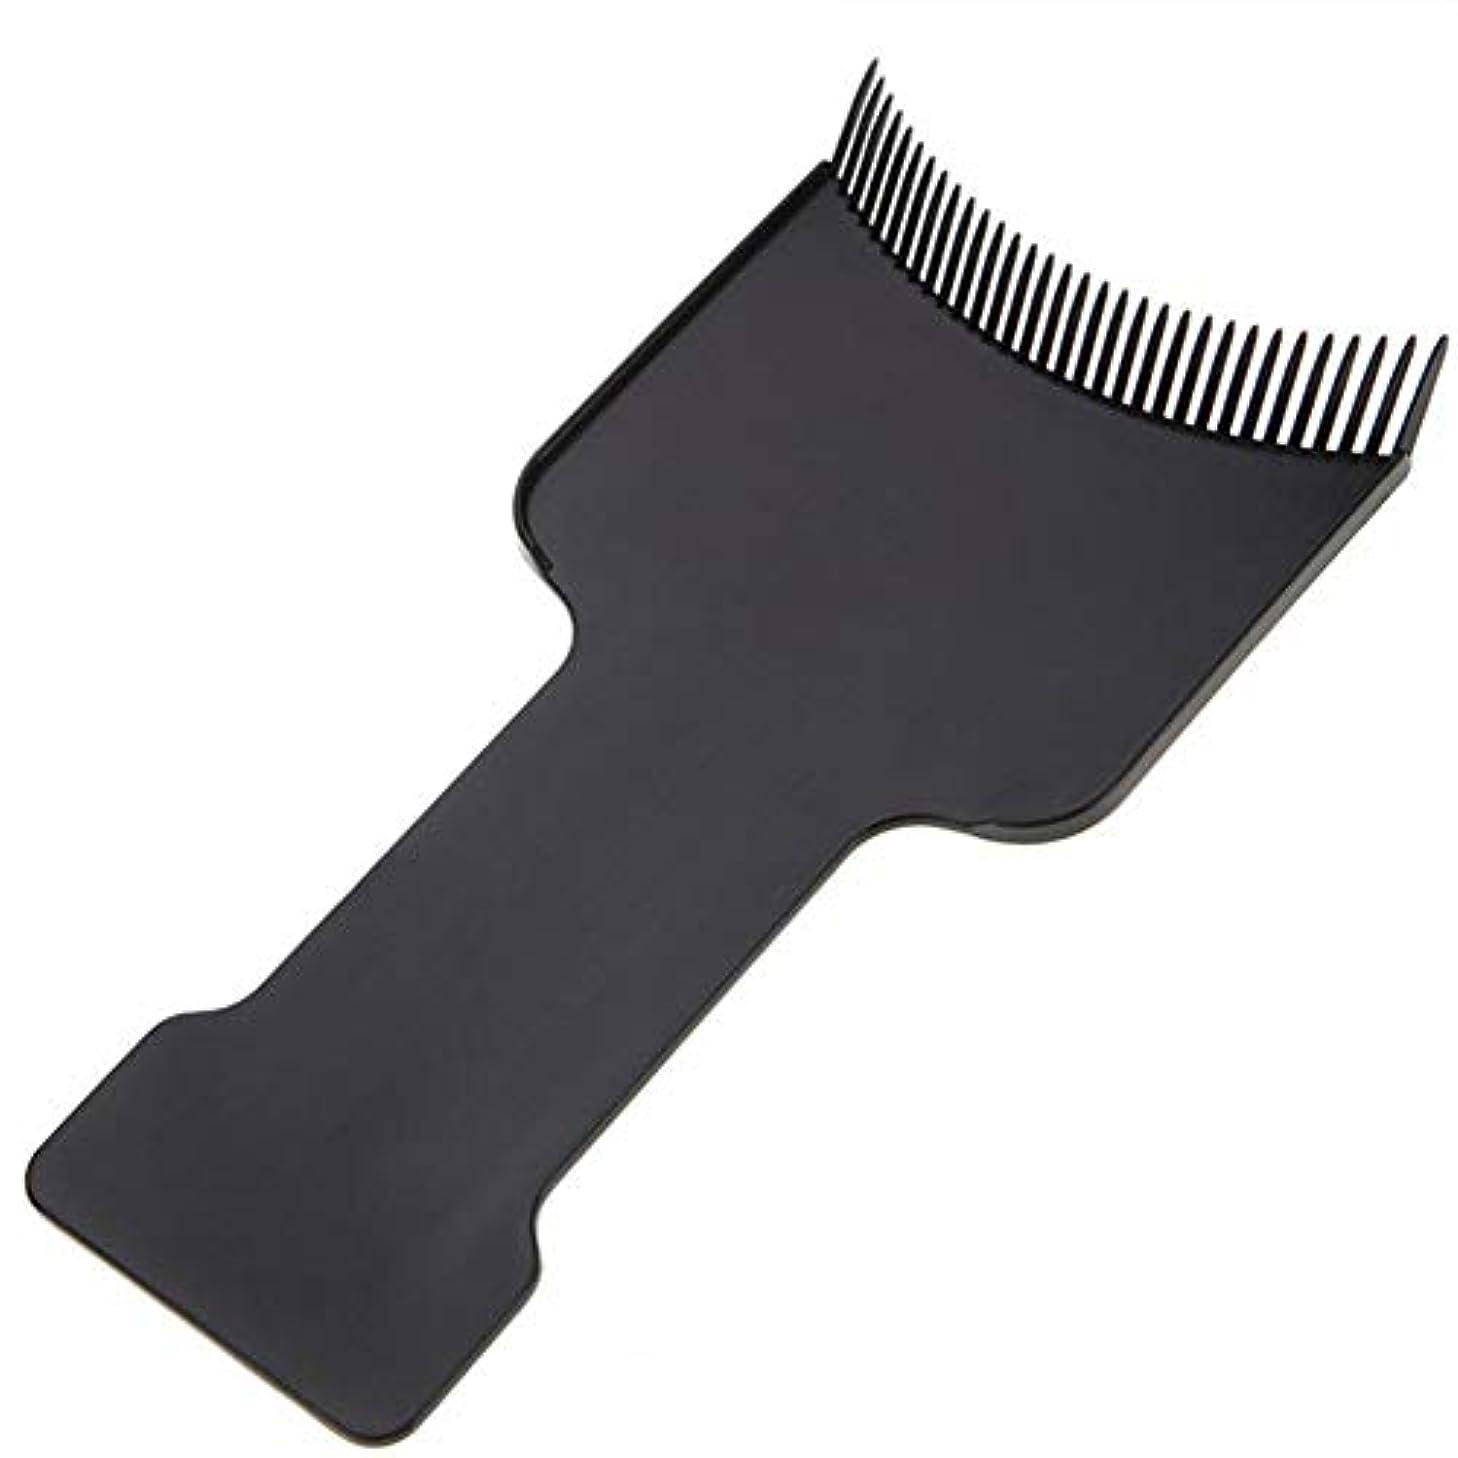 誰が相対サイズ訪問SILUN 理髪ヘアカラーボード 理髪サロン髪 着色染色ボードヘアトリートメントケアピックカラーボードコーム理髪ツール プロフェッショナルブラックヘアブラシボード理髪美容ツール